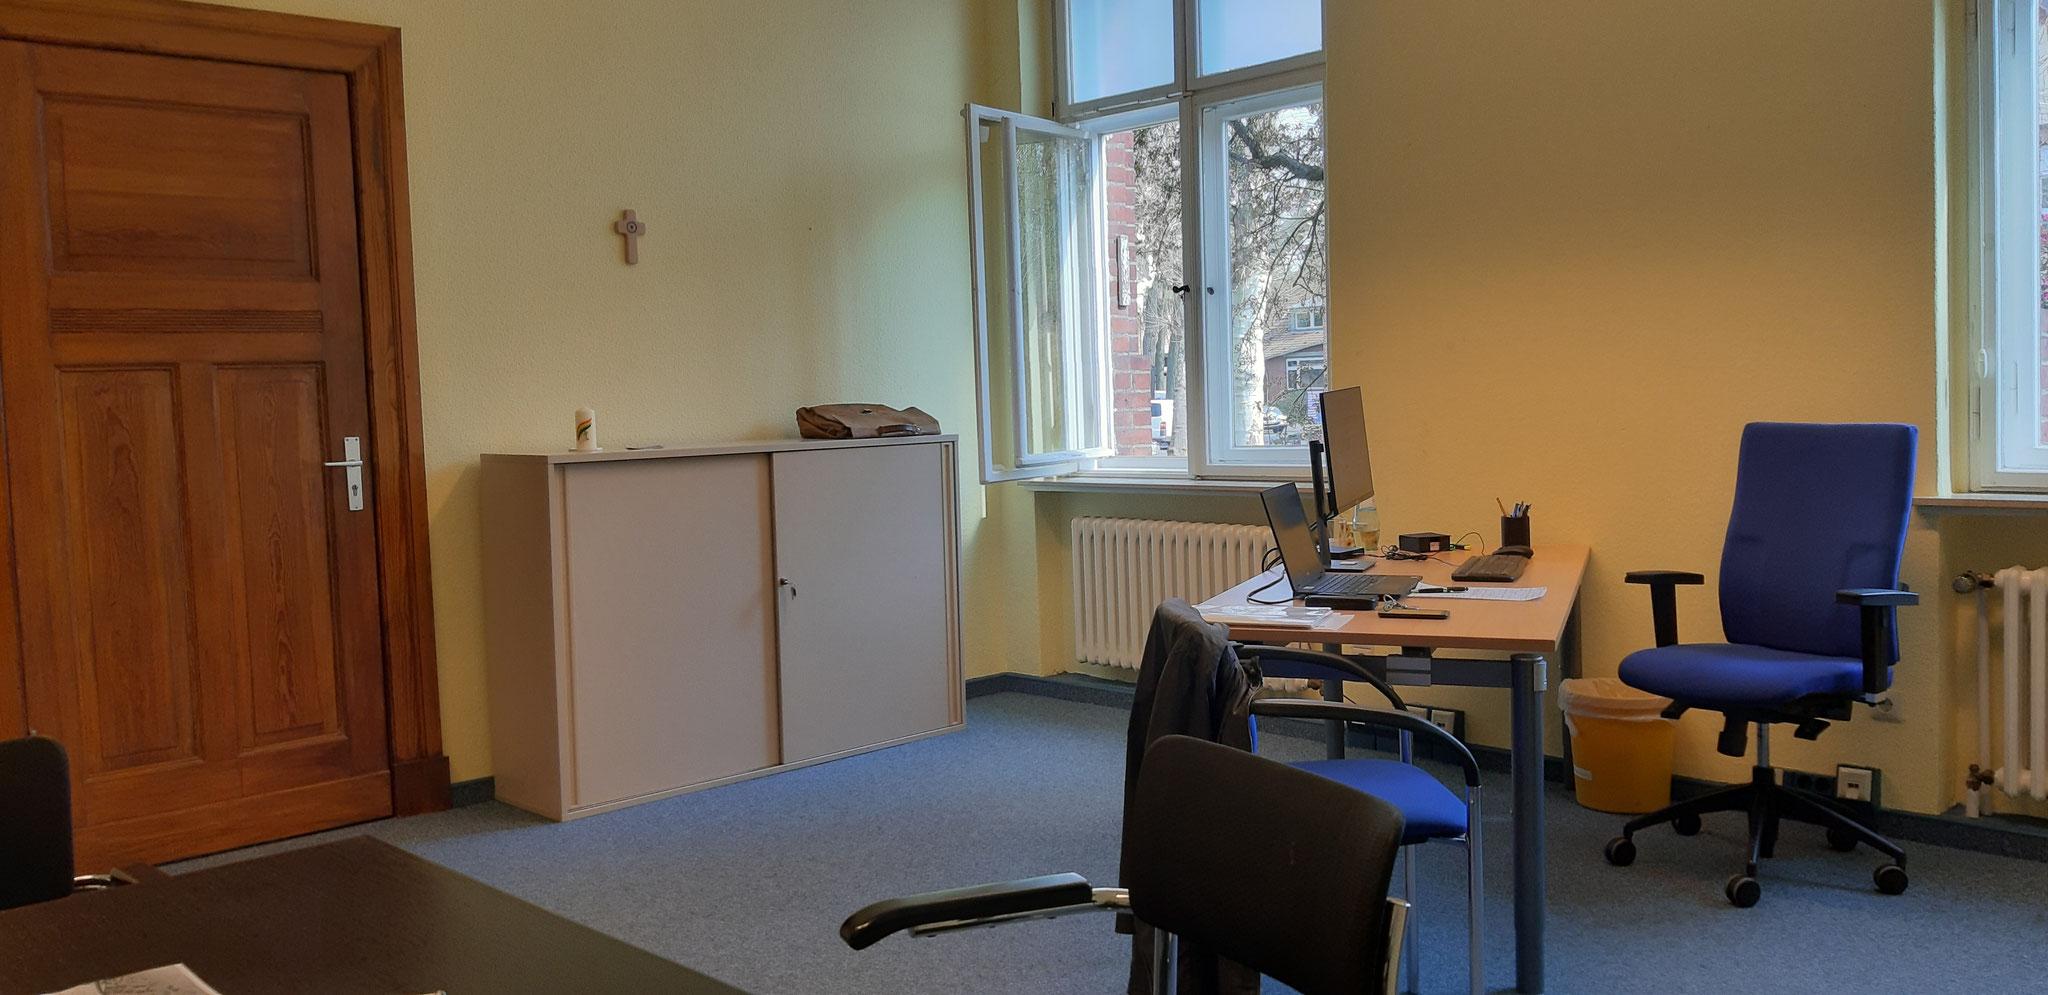 Büro DiaLOG-IN im Haupthaus Spandau am 02.04.2019